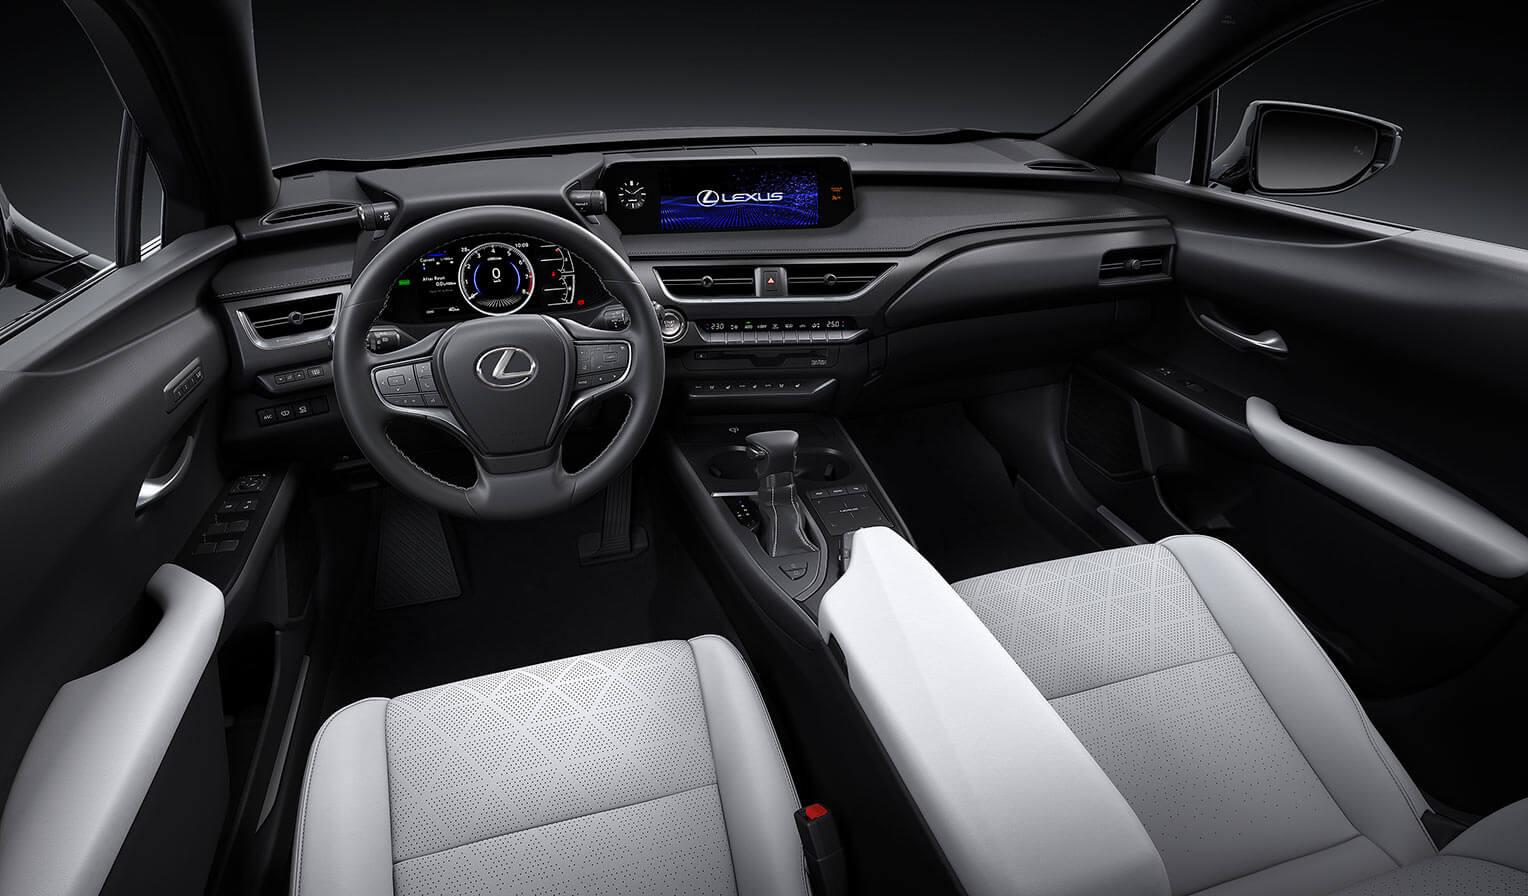 Lexus UX 2018 interior